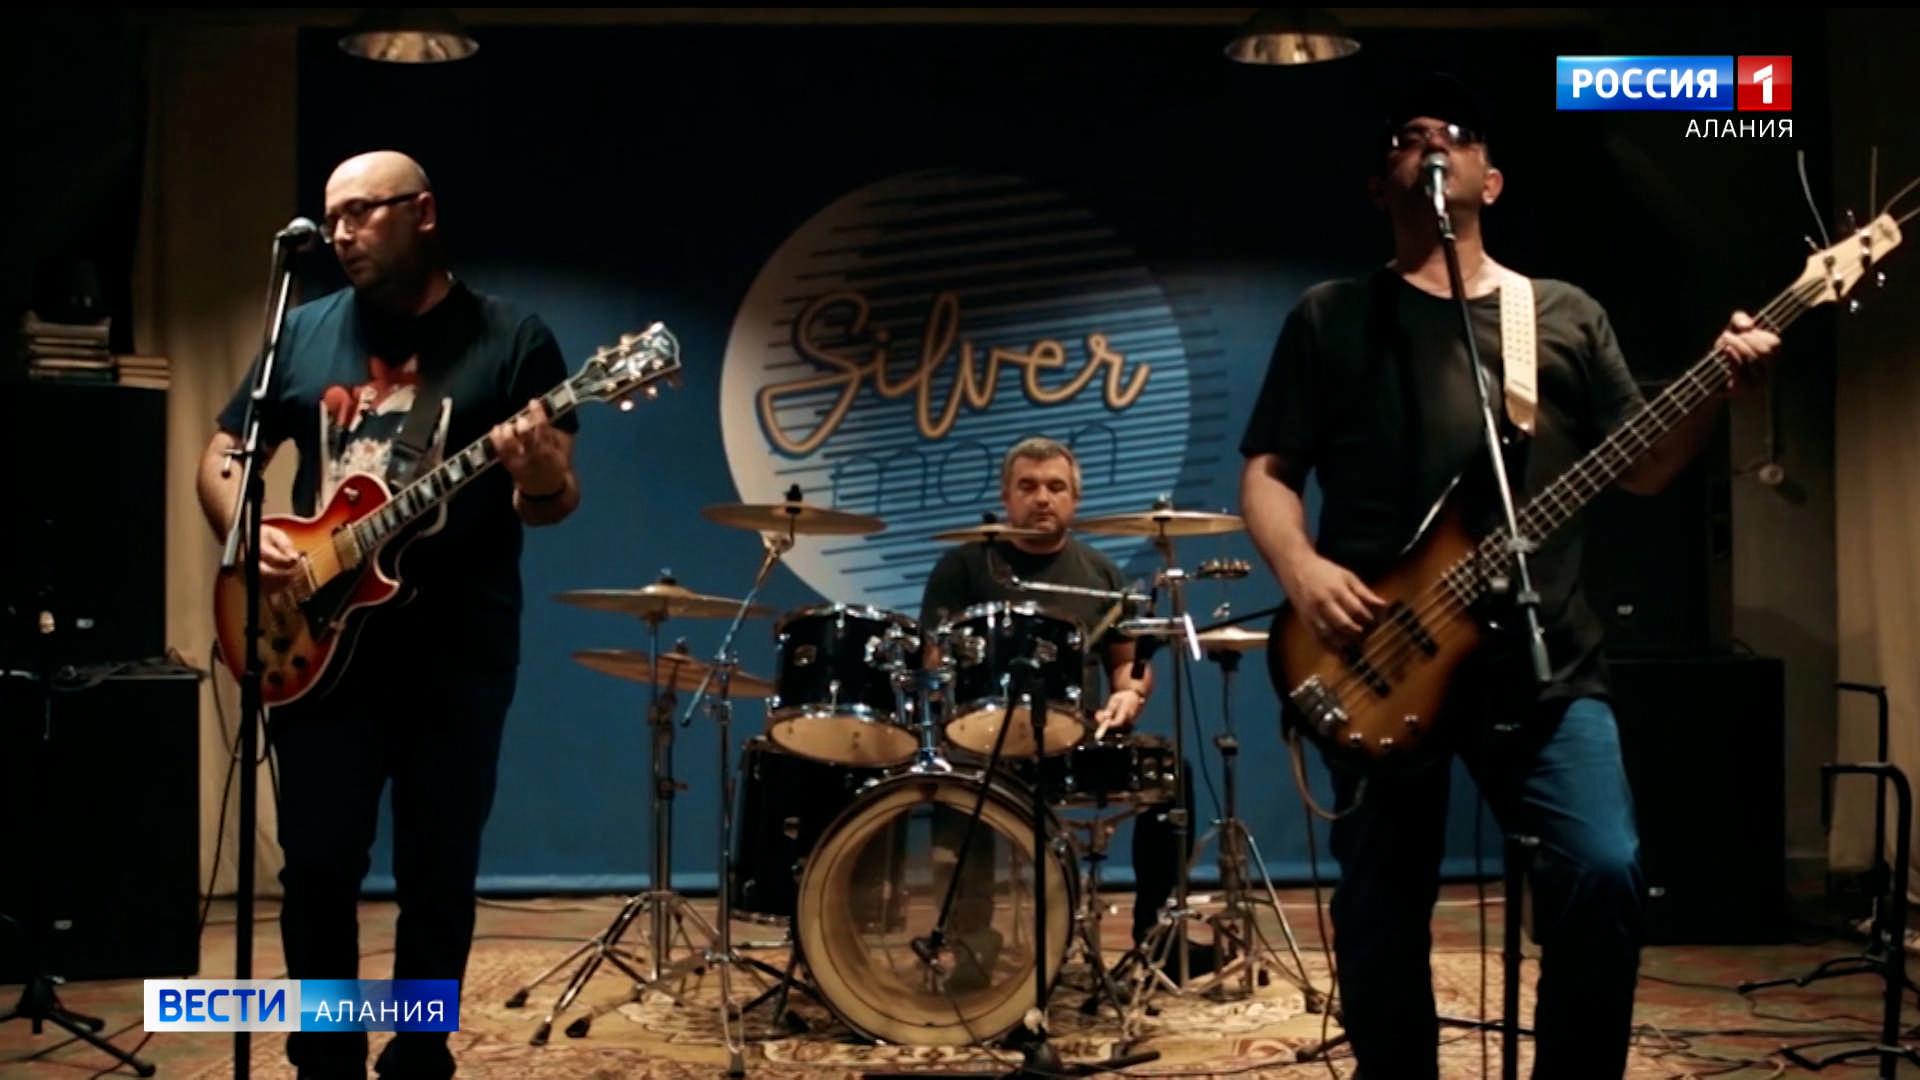 «Эта музыка живет»: североосетинские поклонники The Beatles о том, почему творчество группы стало классикой на все времена